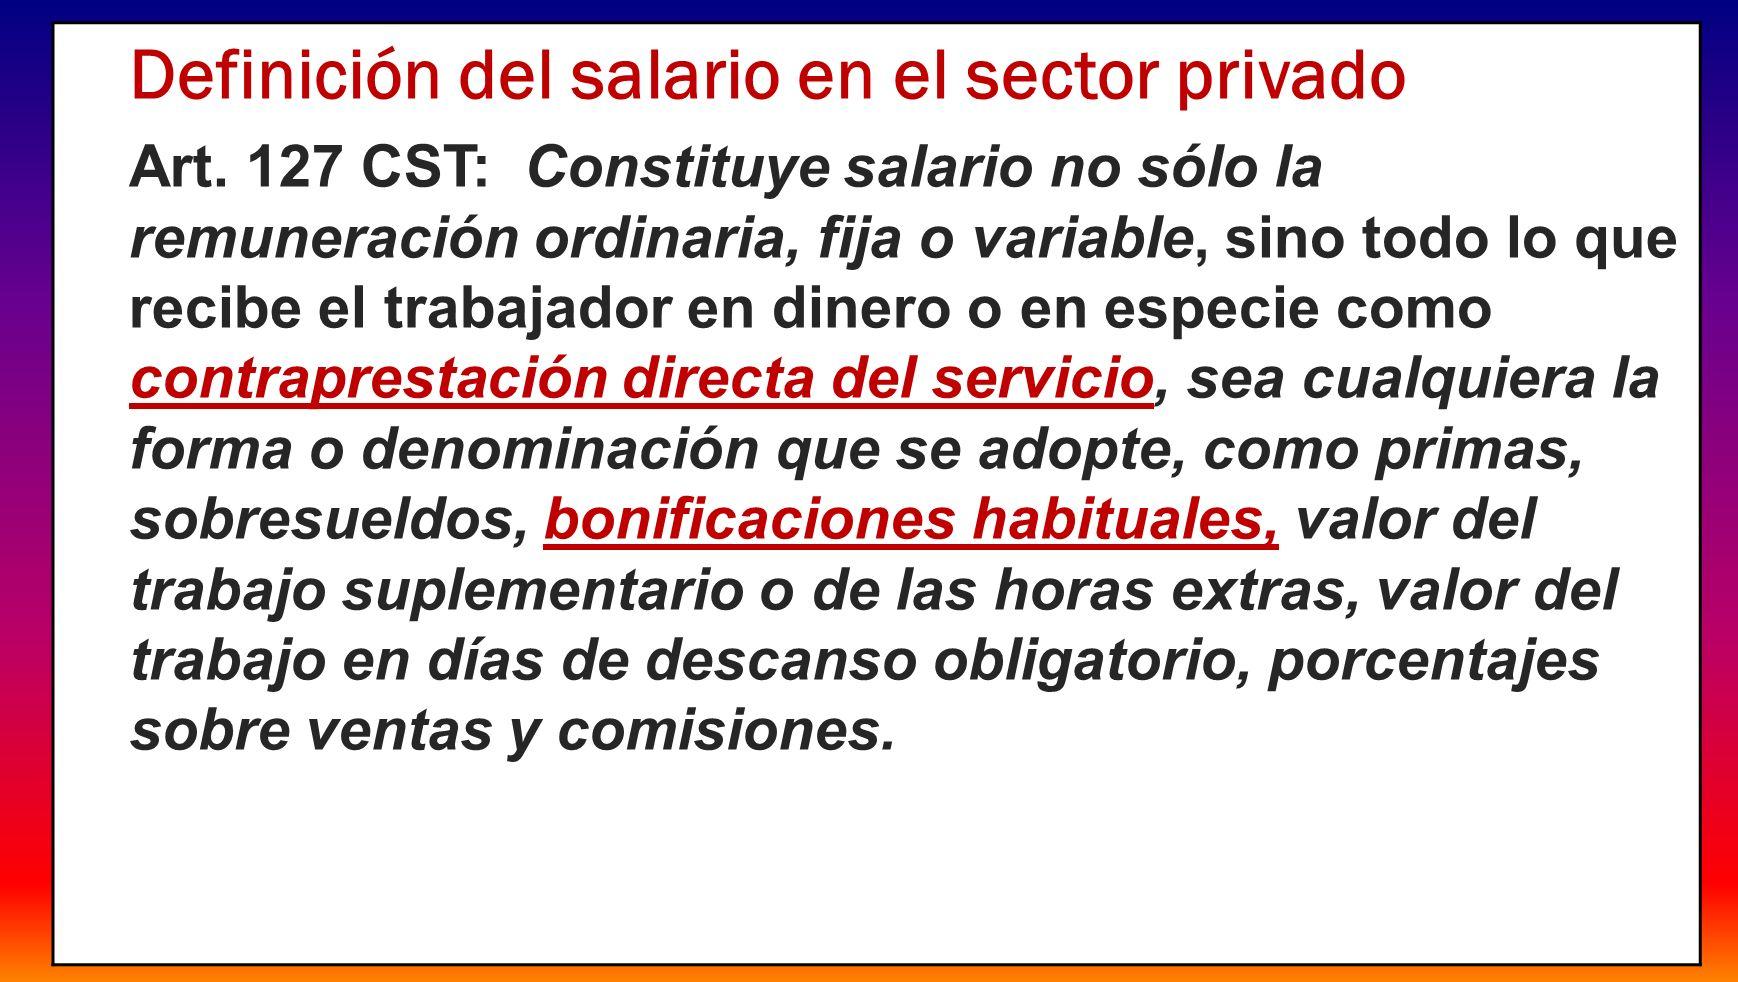 Prima de vacaciones constituye salario si está ligada a los servicios prestados por el trabajador.